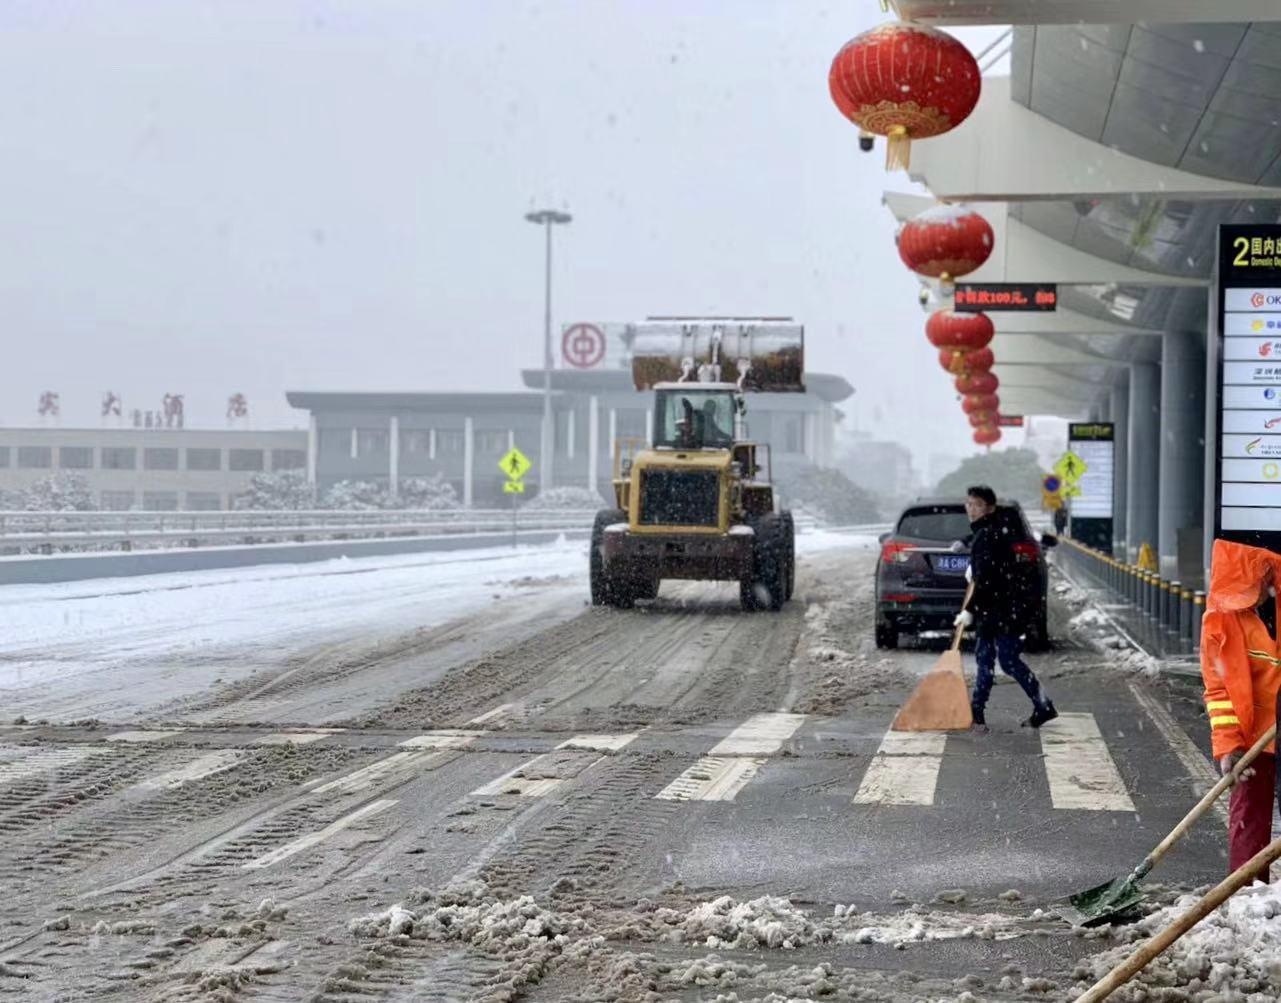 迎战冰雪丨刚刚,长沙机场恢复运行 第一架进港航班为EU2754三亚—长沙